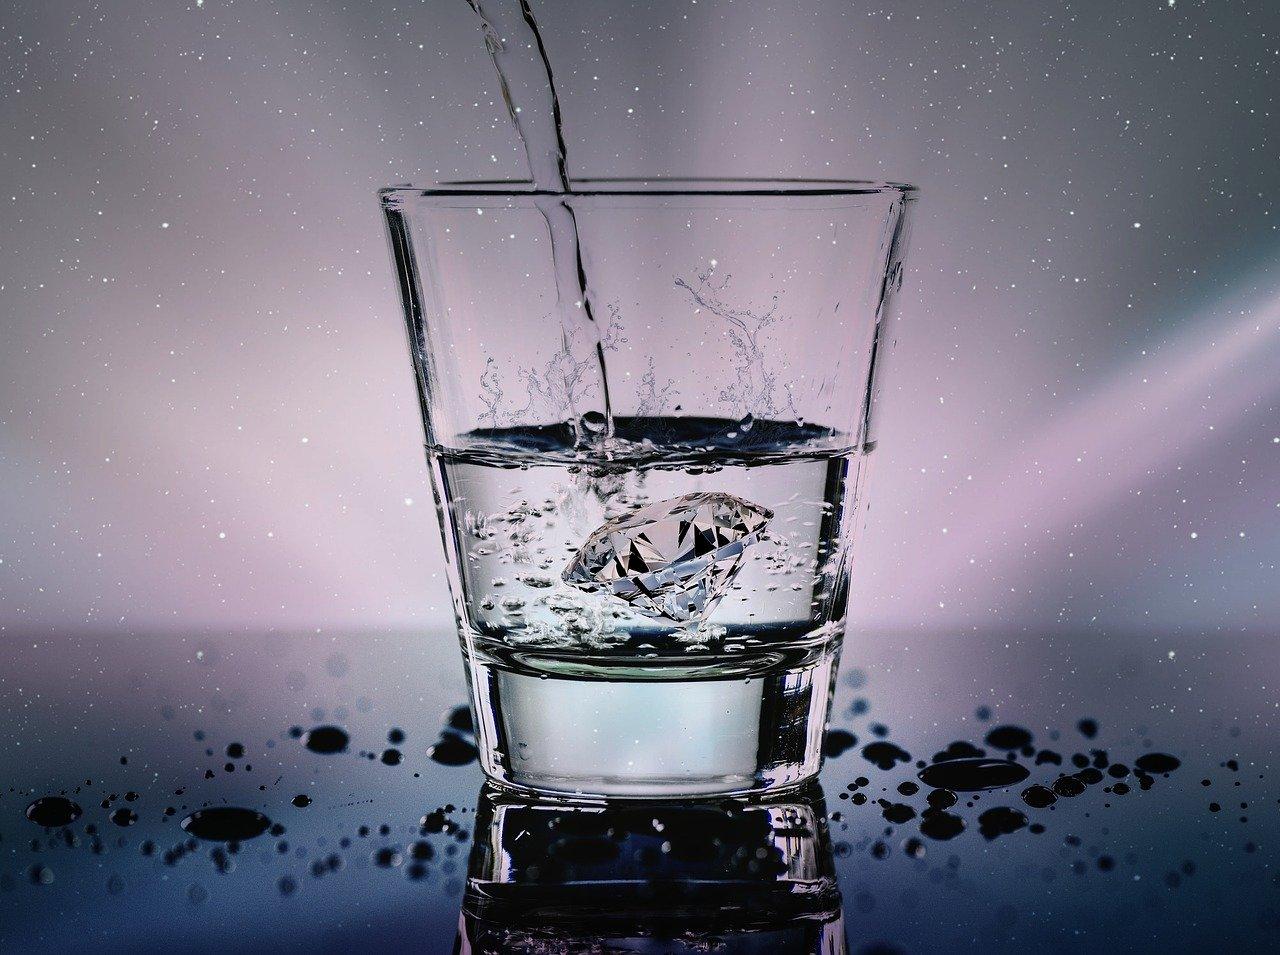 acqua depurata